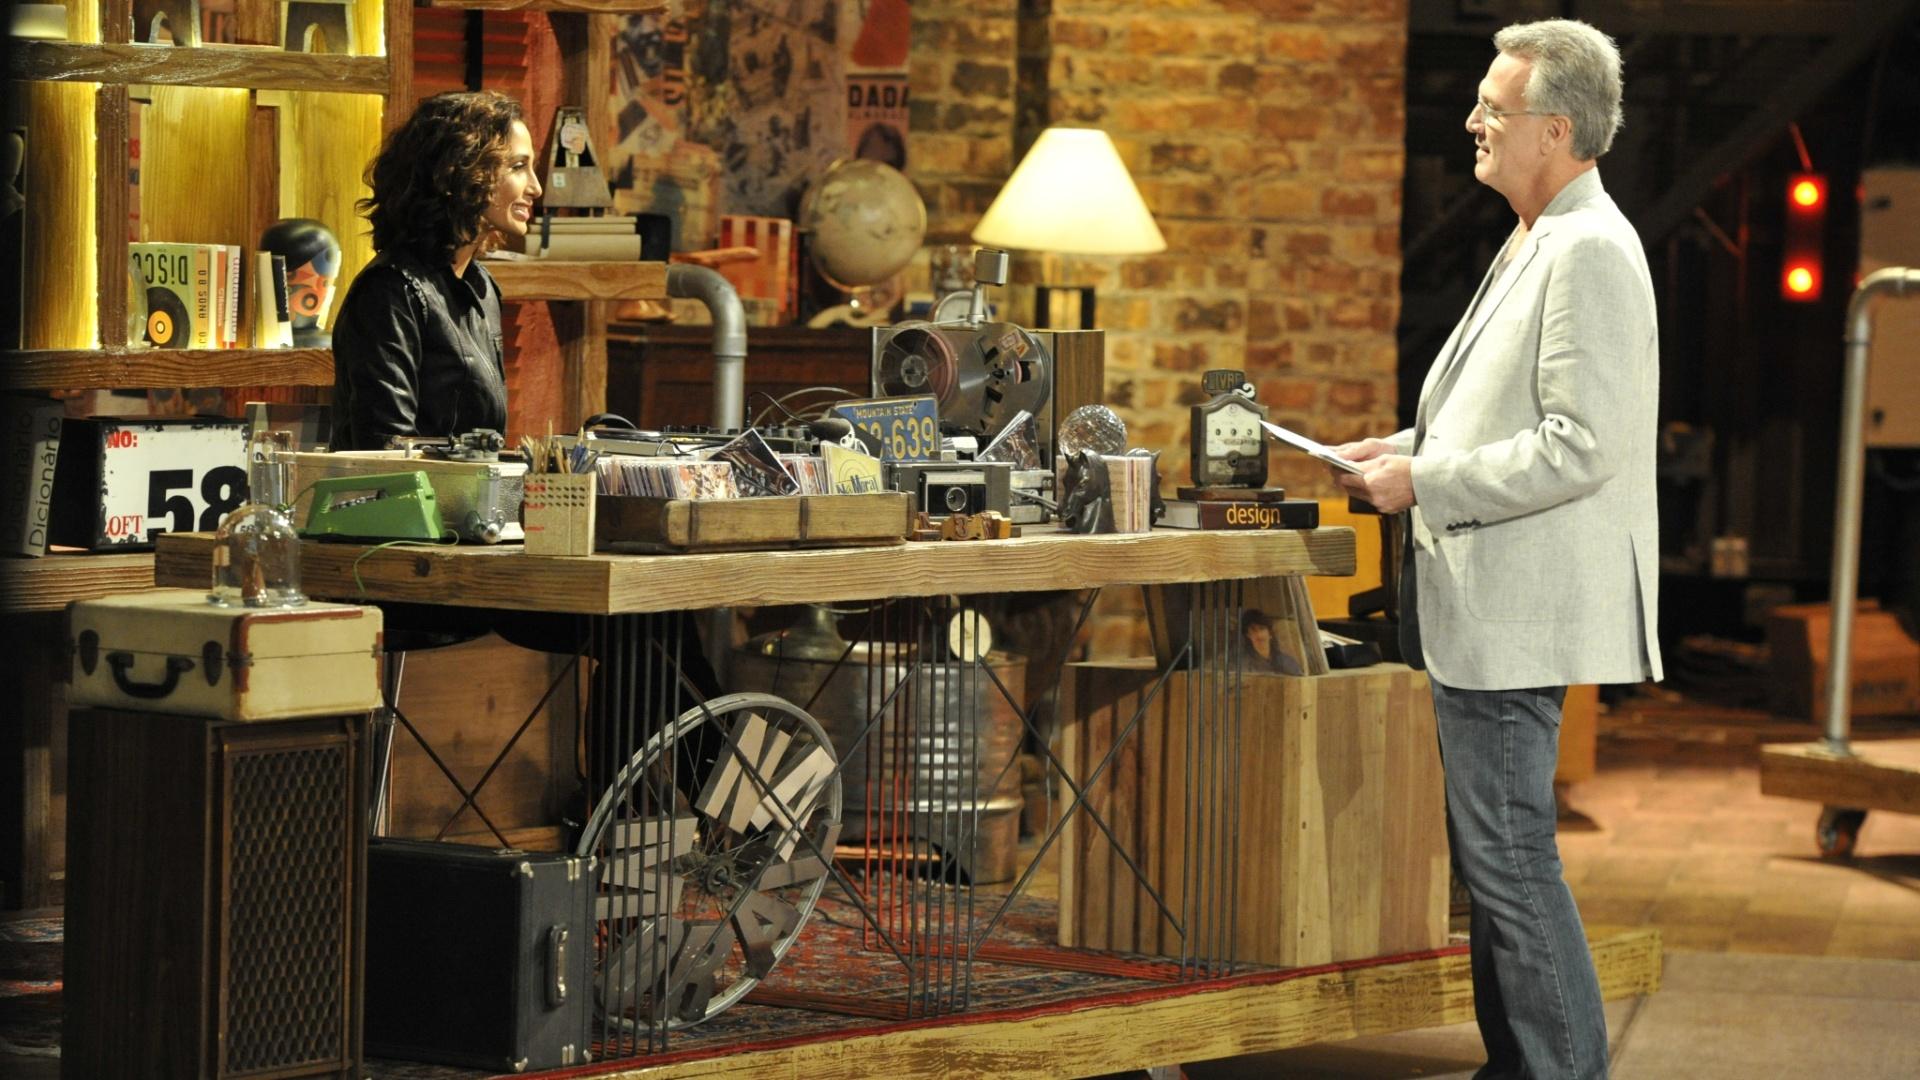 26.jul.2012 - Depois de uma bem sucedida primeira temporada, o apresentador Pedro Bial voltará a comandar o programa